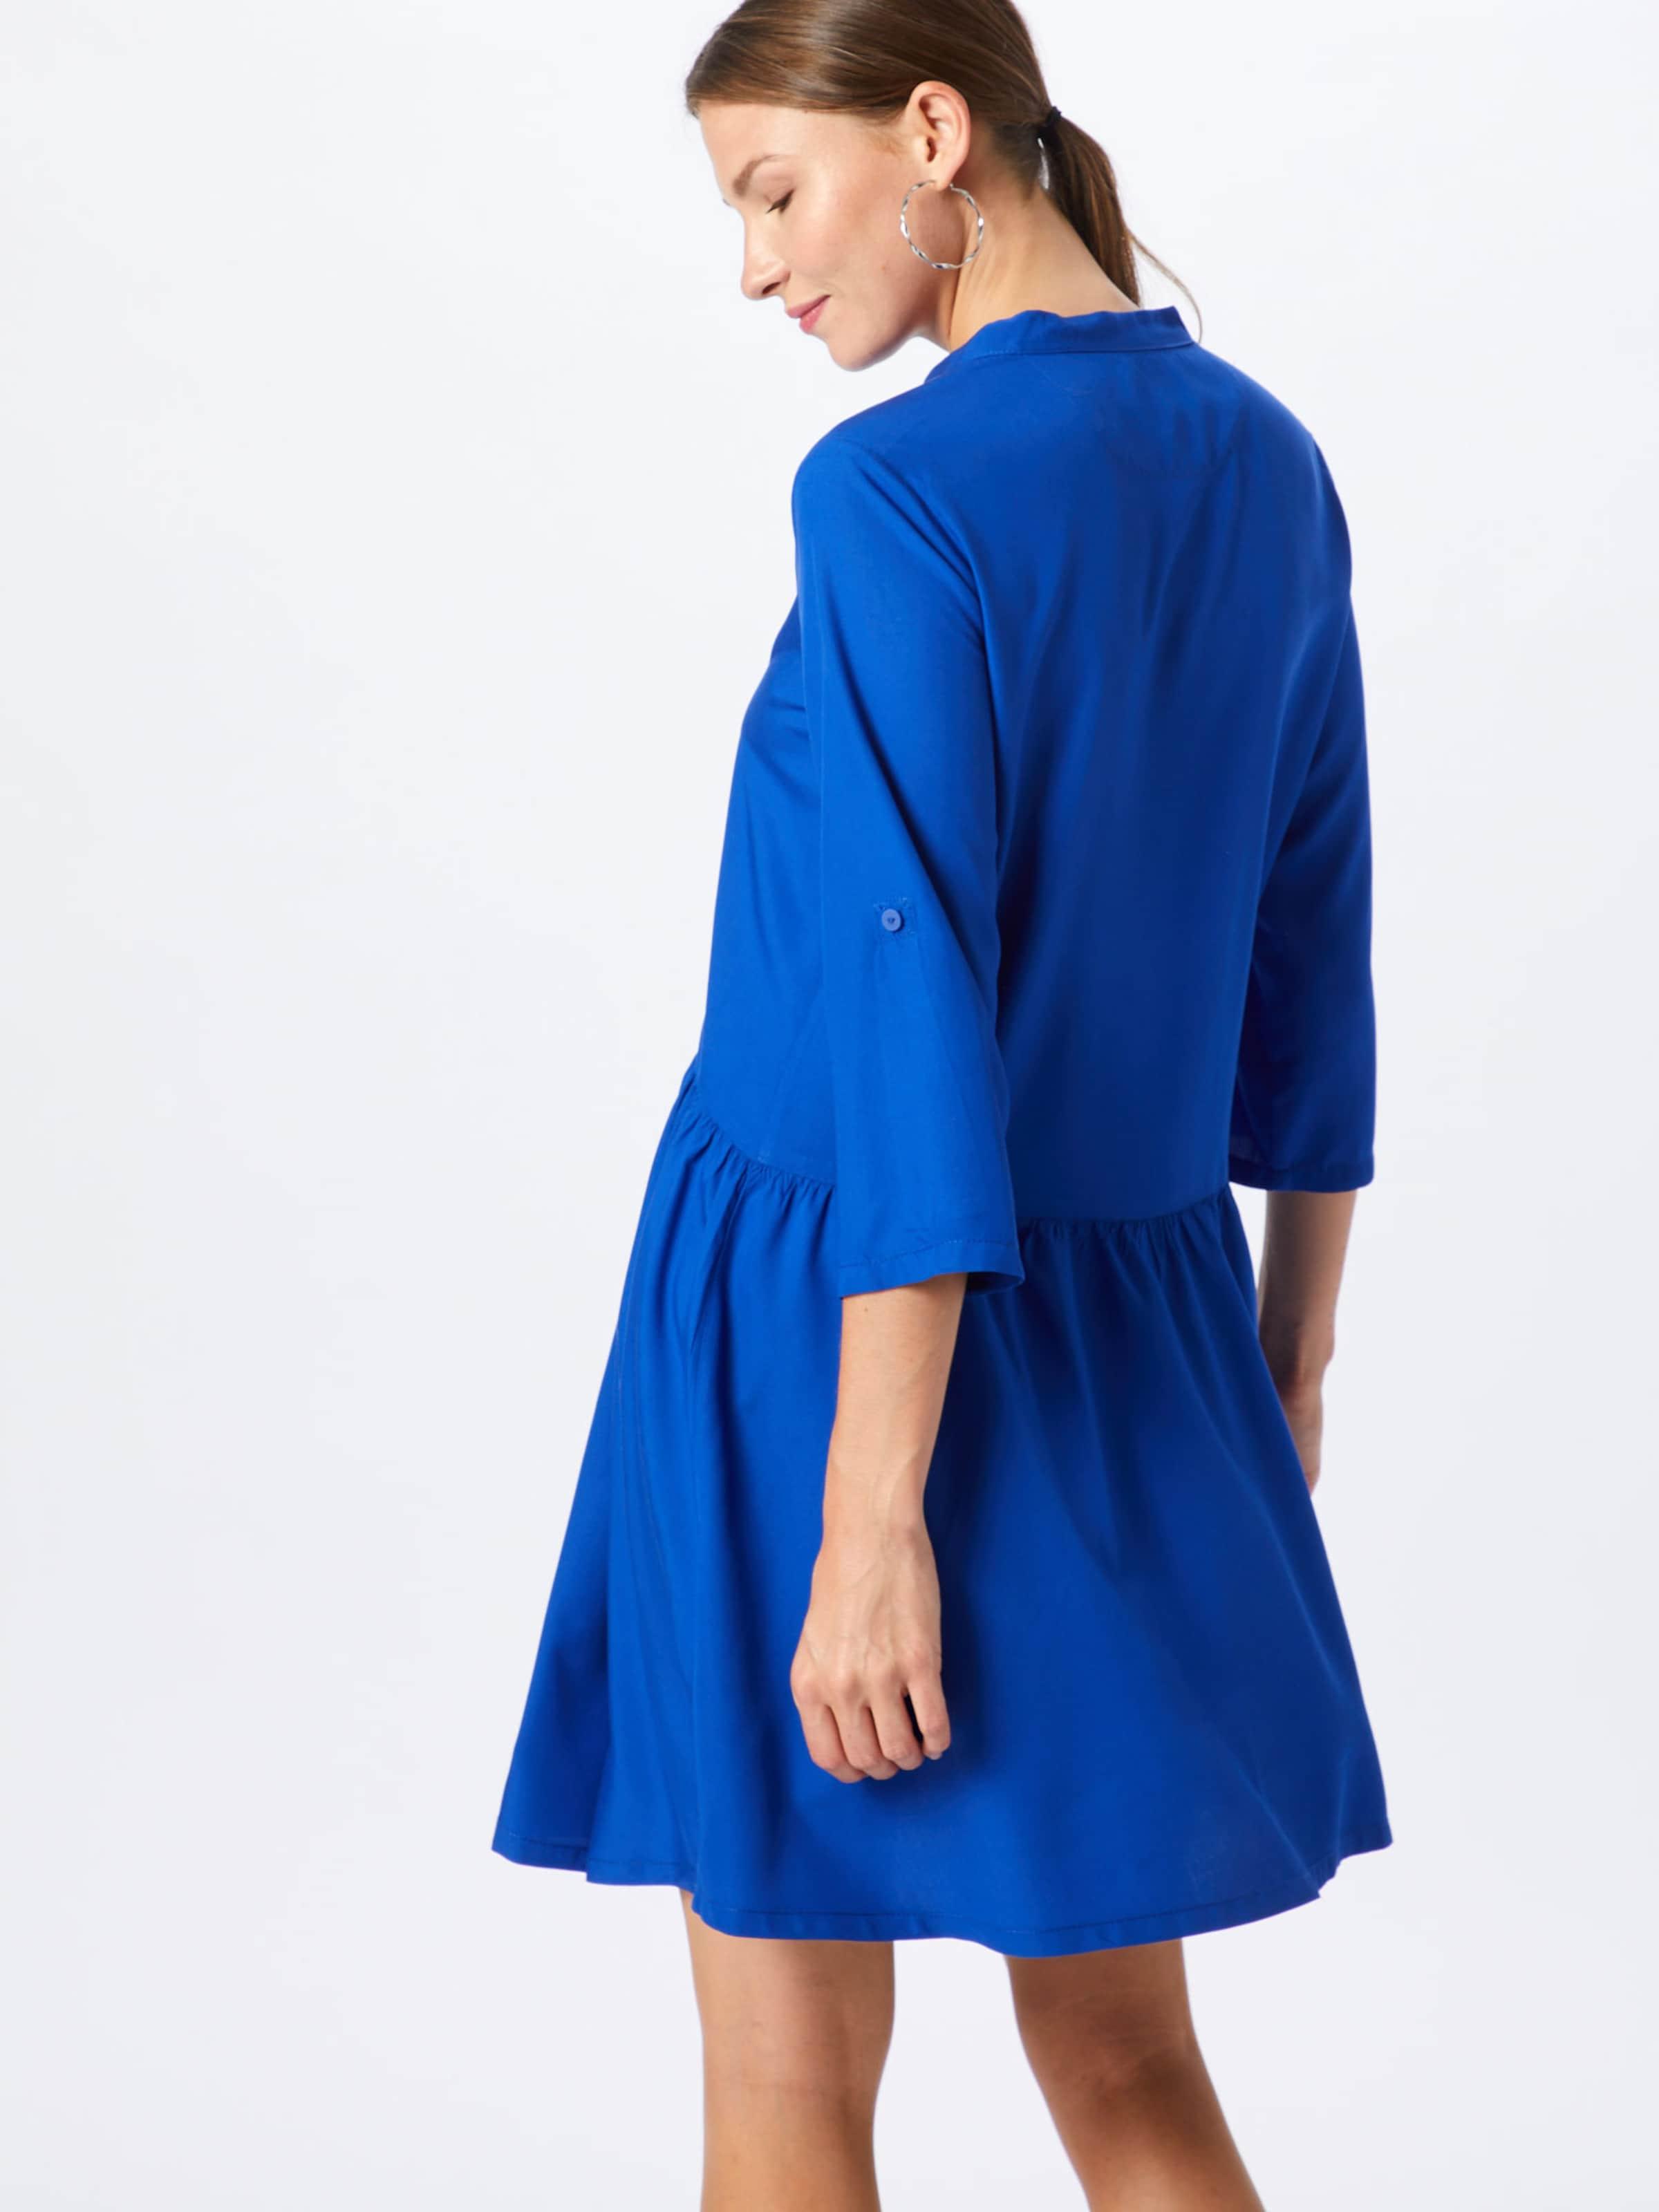 D'été By s Designed Robe MauveRose Q En AR3jq45L